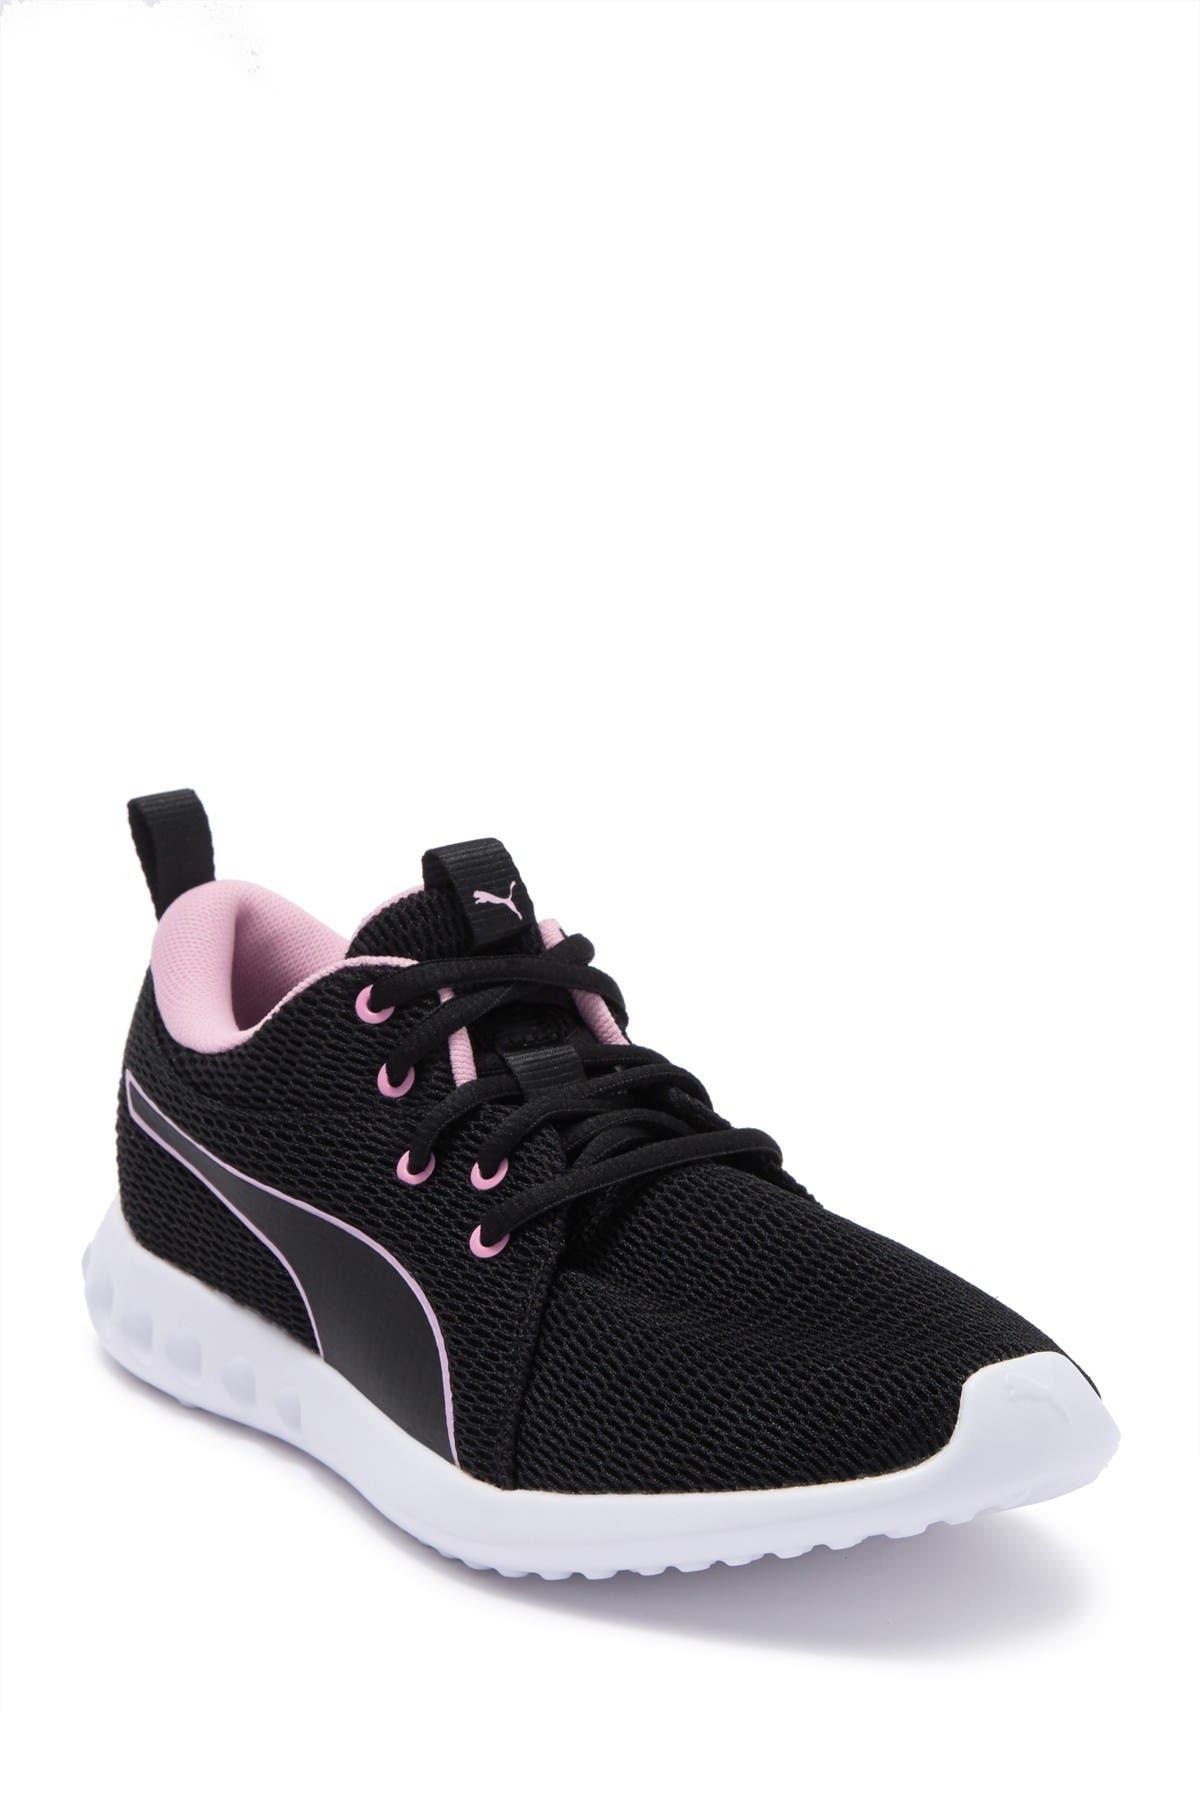 PUMA | Carson 2 Knit Sneaker